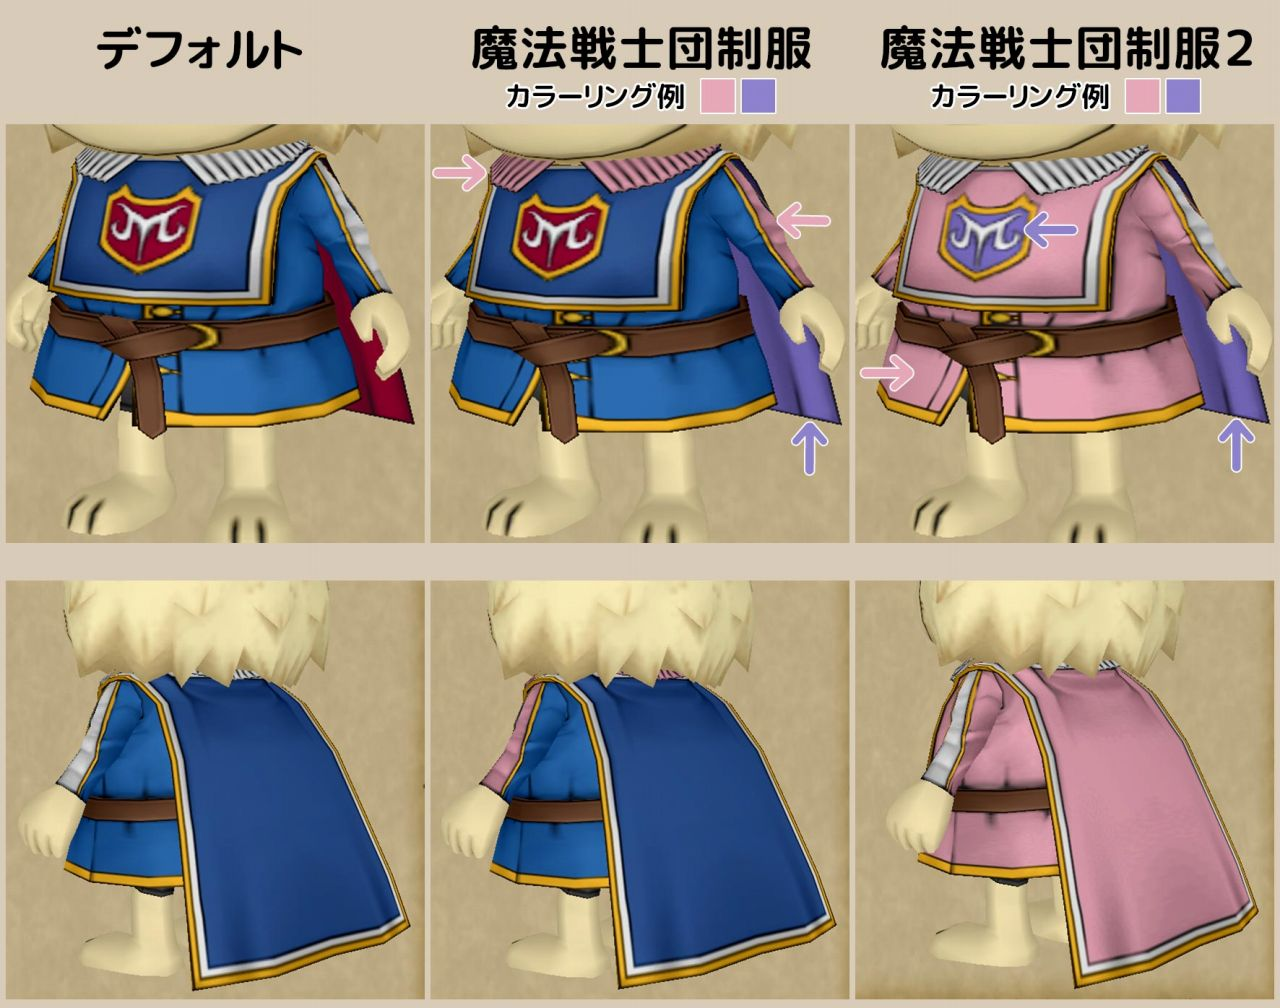 カラーリングできる部位の比較-魔法戦士団制服と魔法戦士団制服2